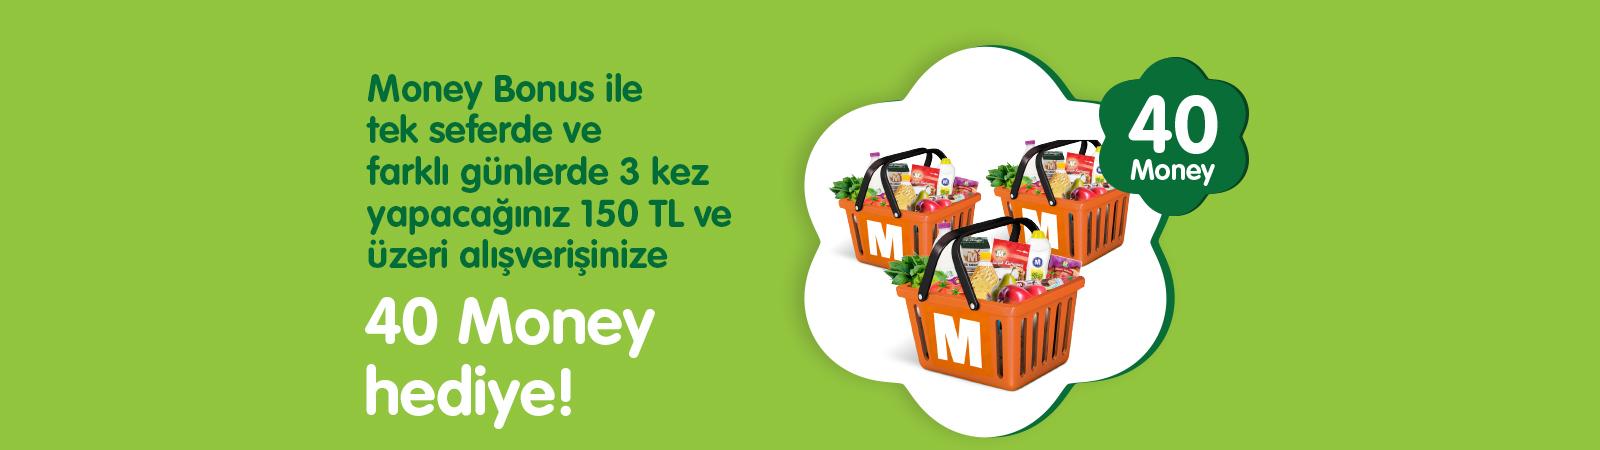 40 Money Hediye!